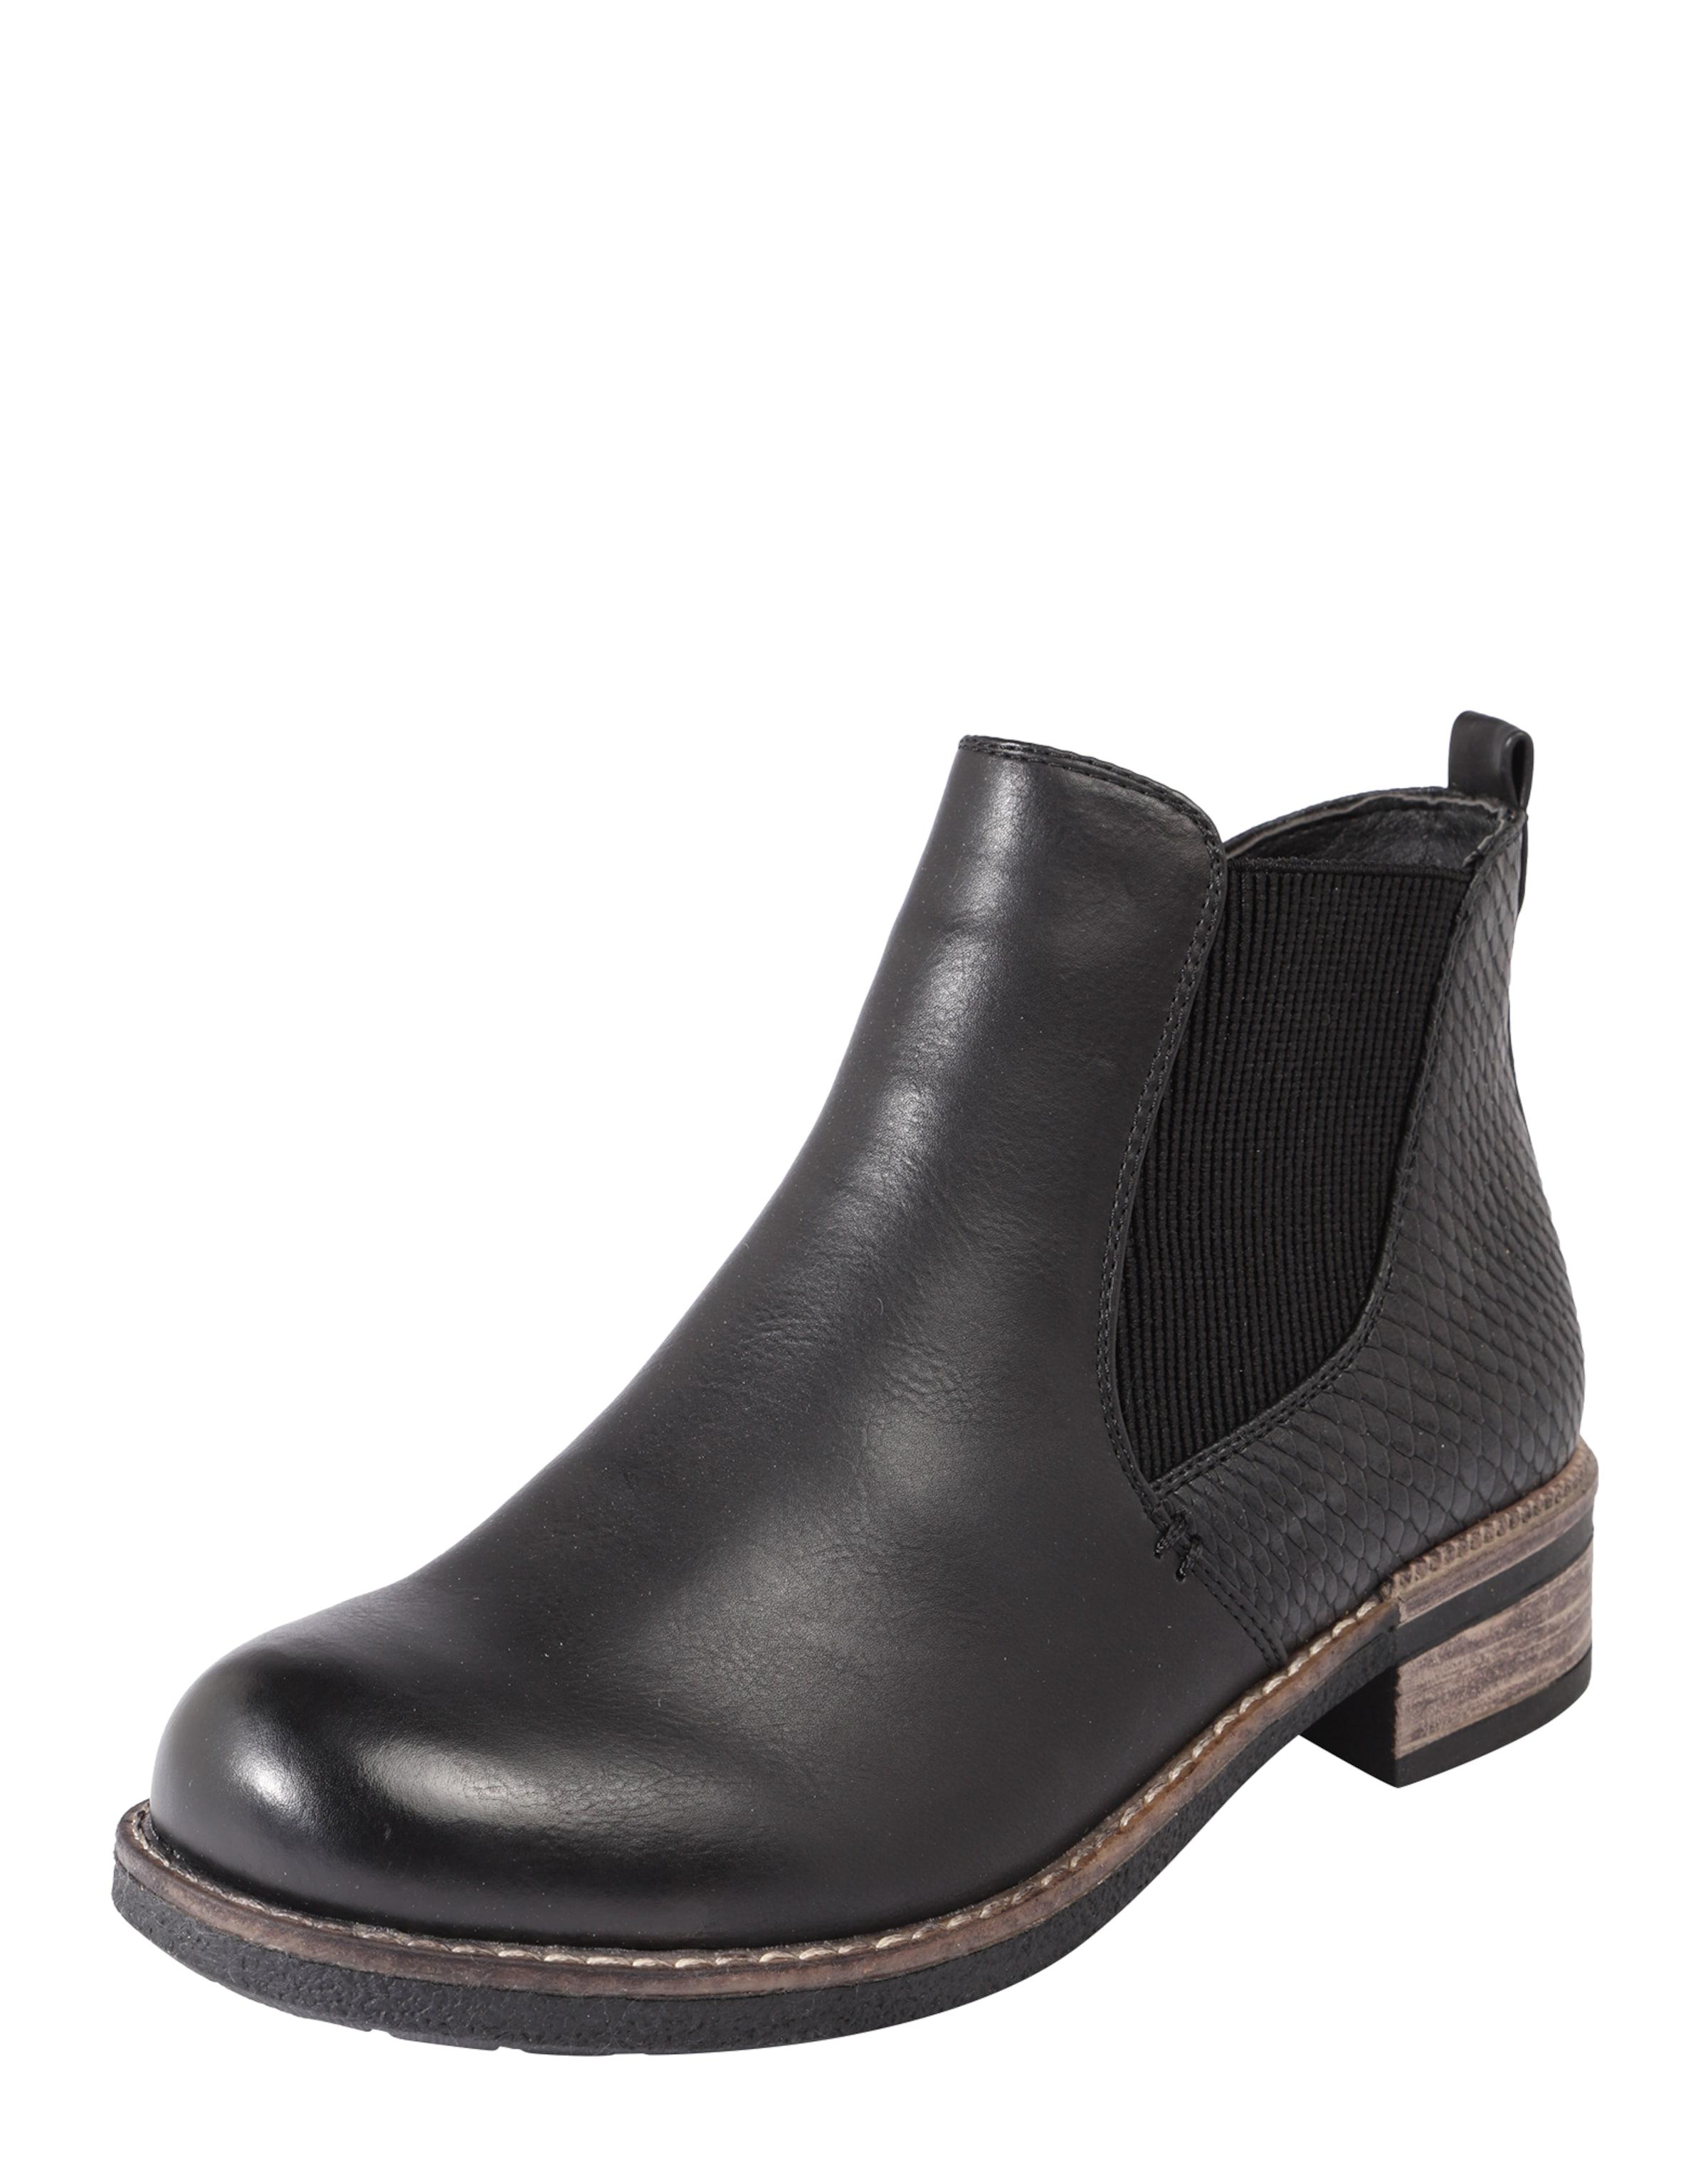 Boots In Chelsea Rieker Boots Rieker Chelsea In Zwart 5Ajq3RL4